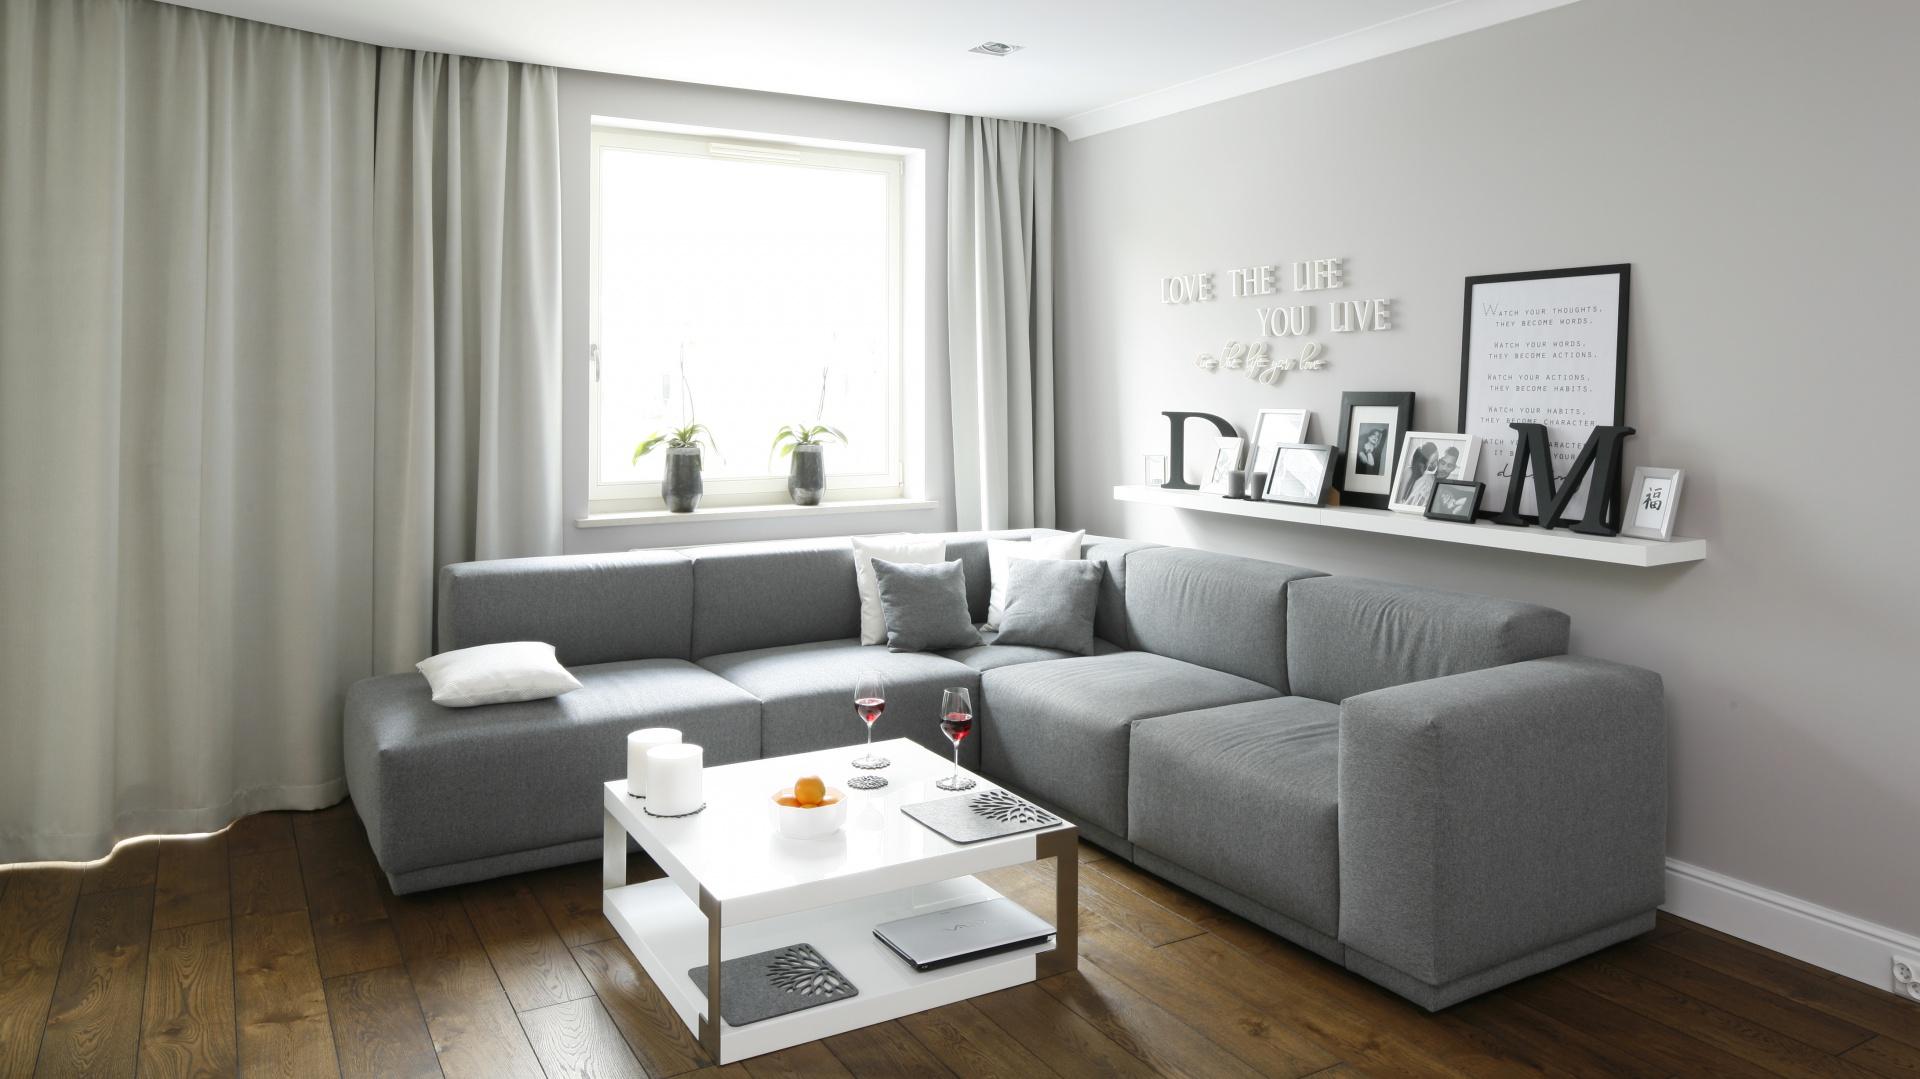 T aran acj ca kowicie sofa w salonie wybierze for Naroznik cobra z living roomu